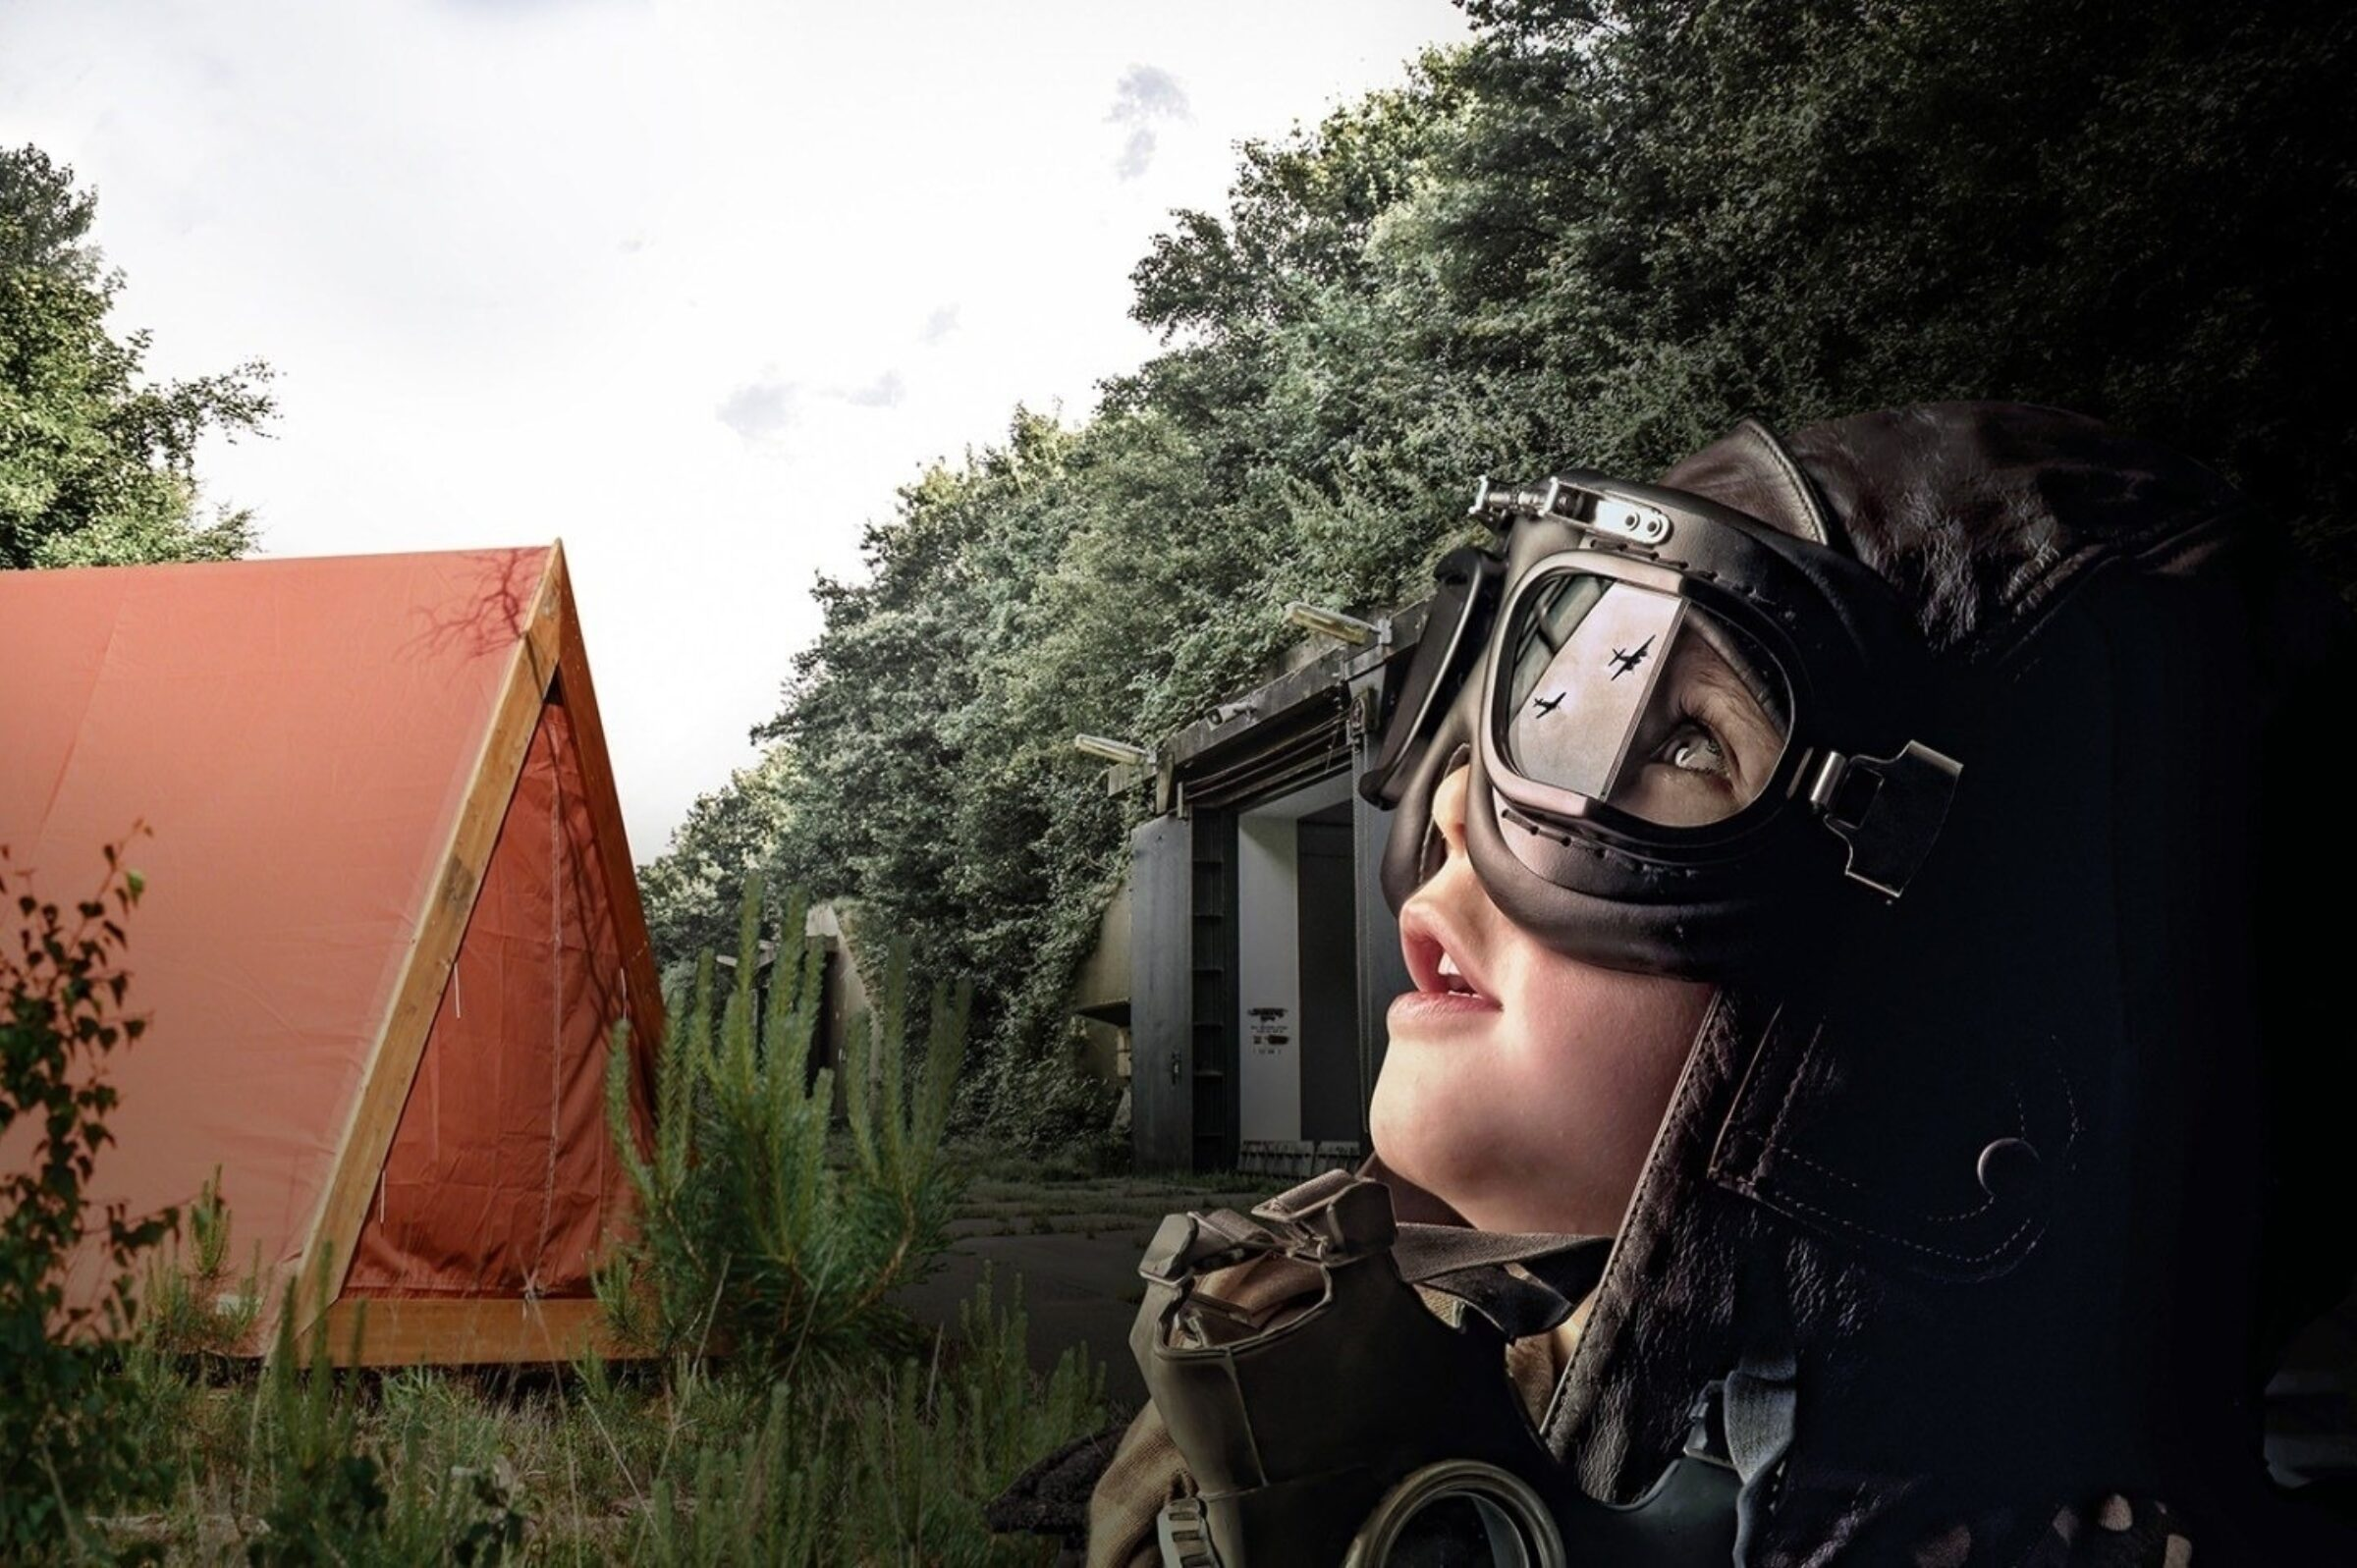 Campground Vliegveld Twente